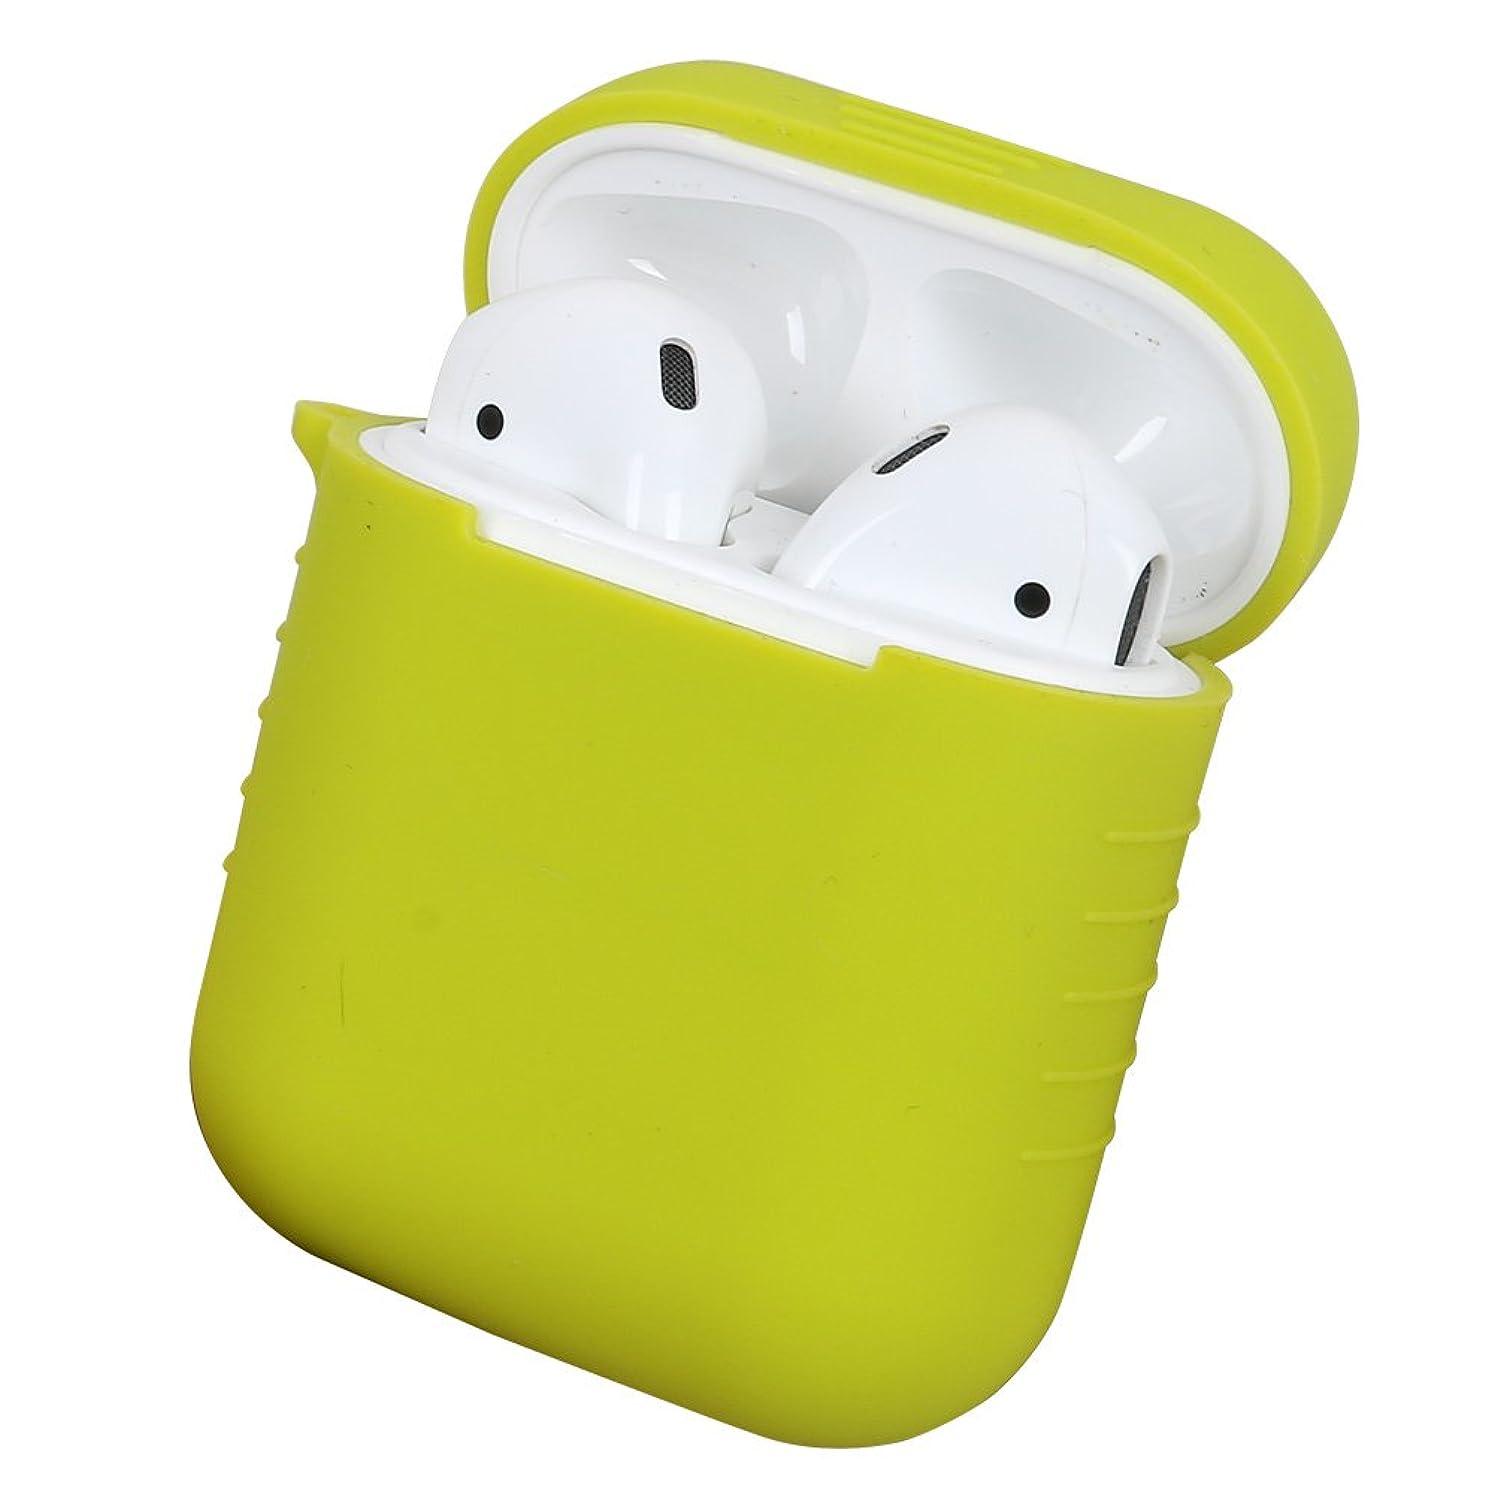 第困惑したデンプシーWalant AirPodsケース シリコンカバー 保護カバー 収納バッグ 紛失防止 落下防止 携帯に便利 (イエロー)